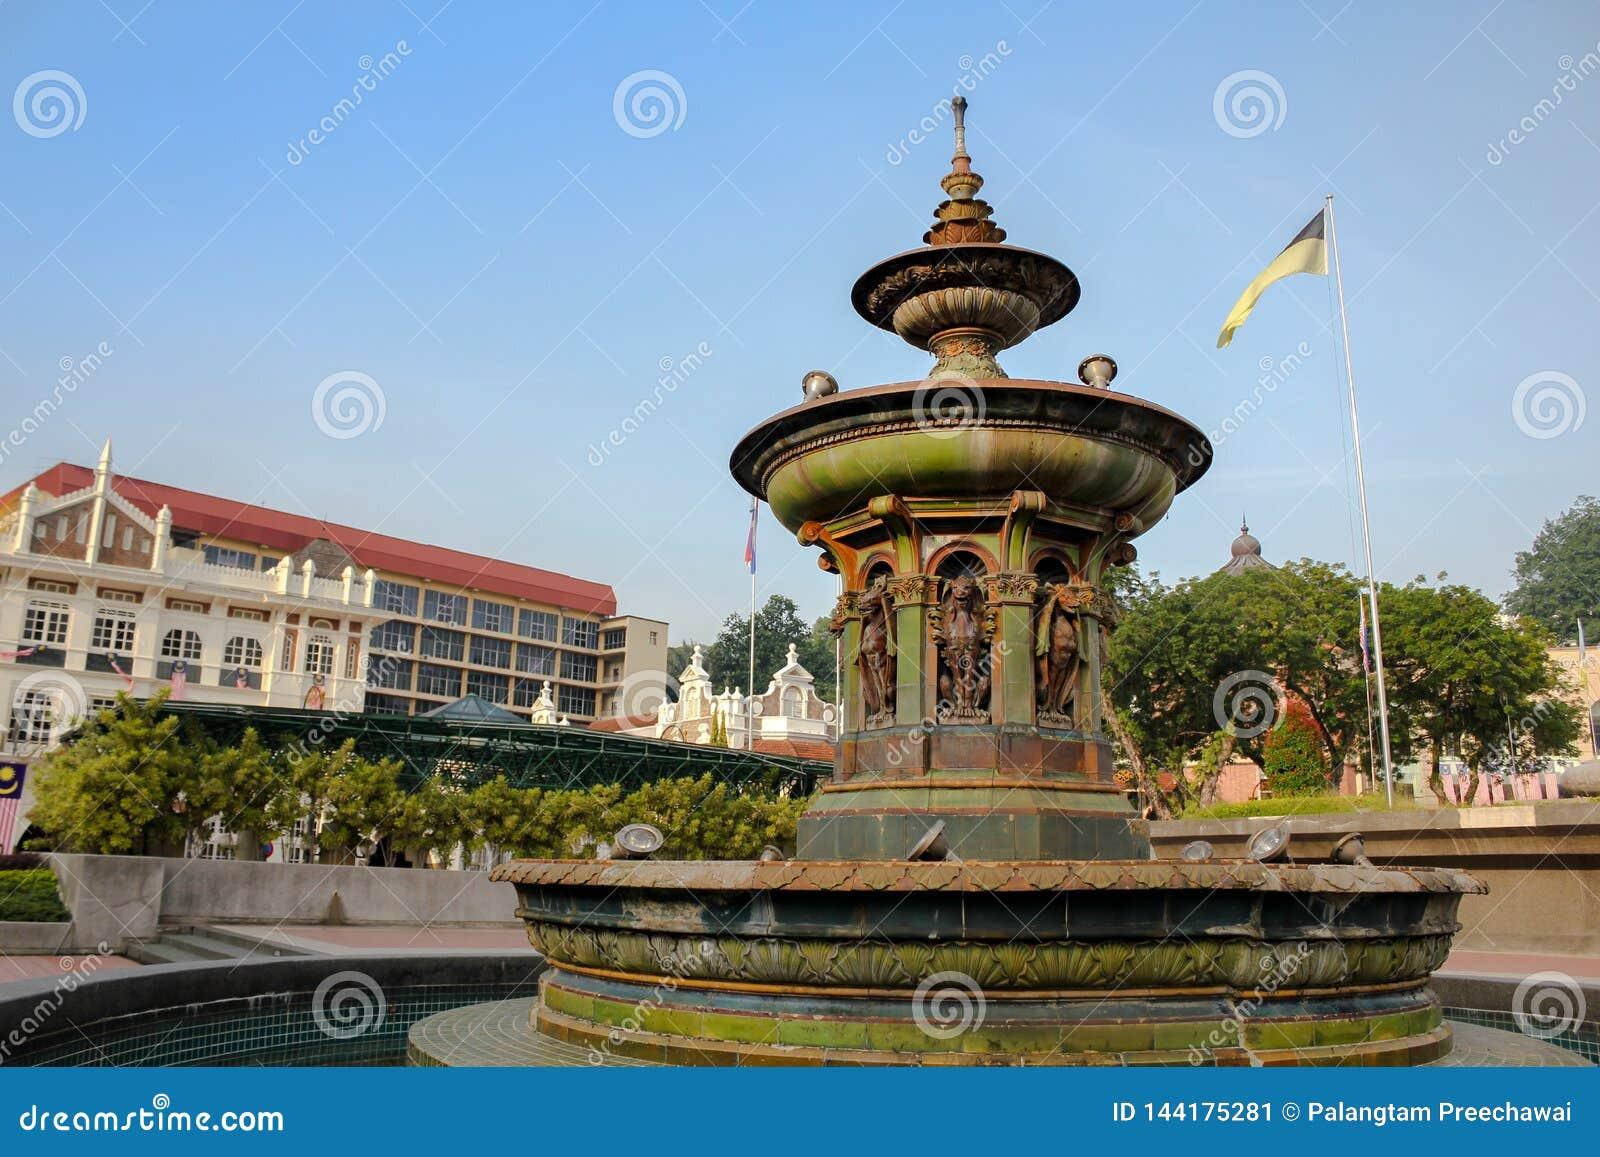 Queen Victorias Fountain - GoWhere Malaysia